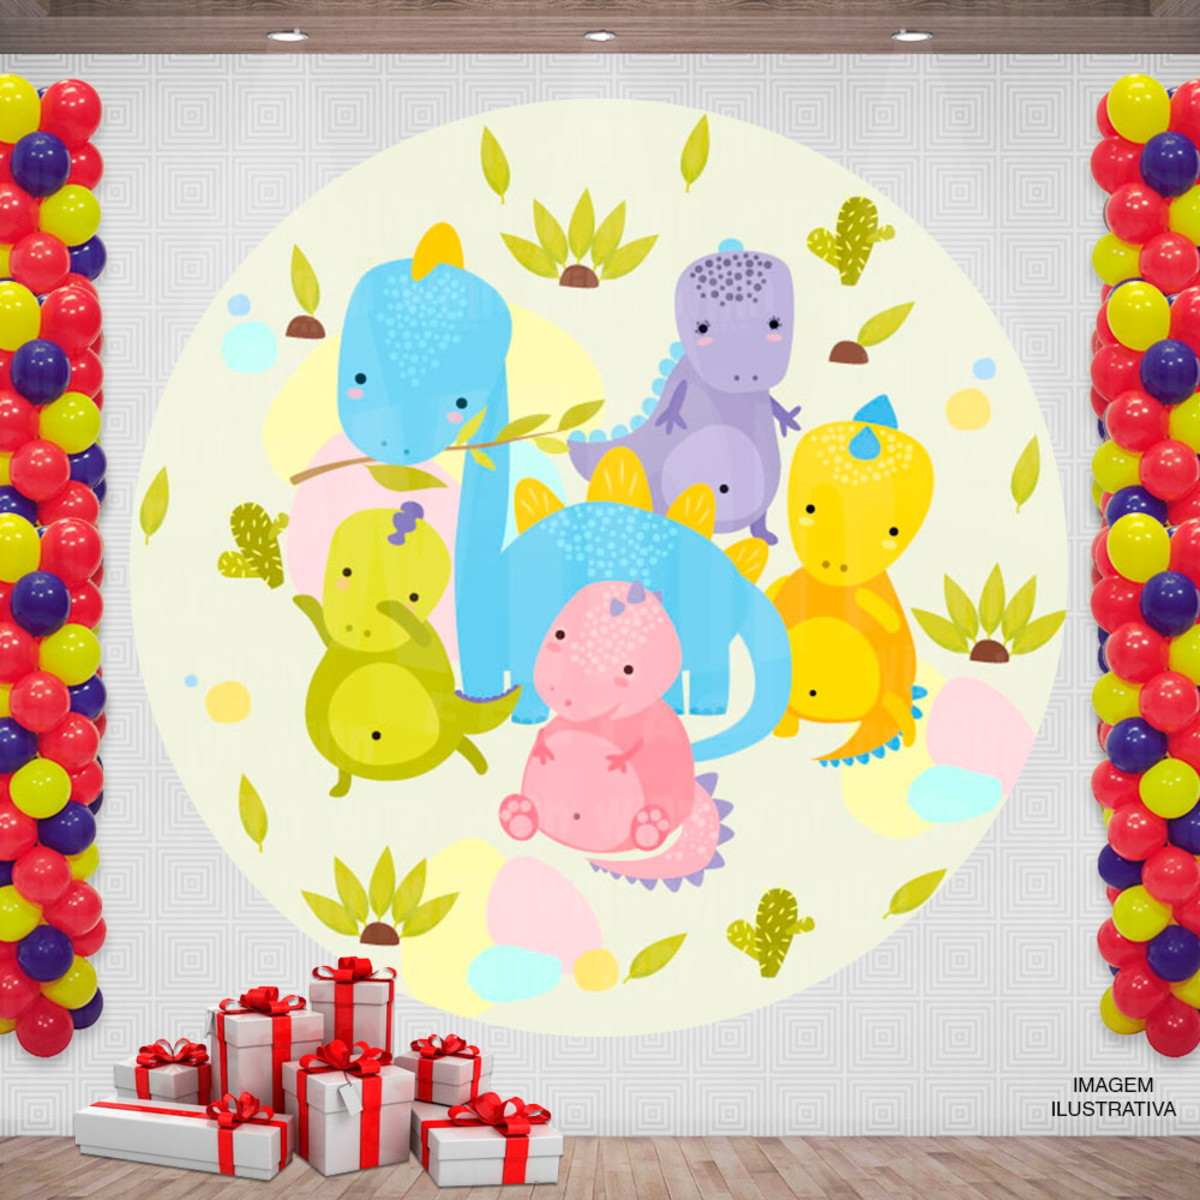 Painel Festa Infantil Redondo Desenho Dinossauros 2x2m No Elo7